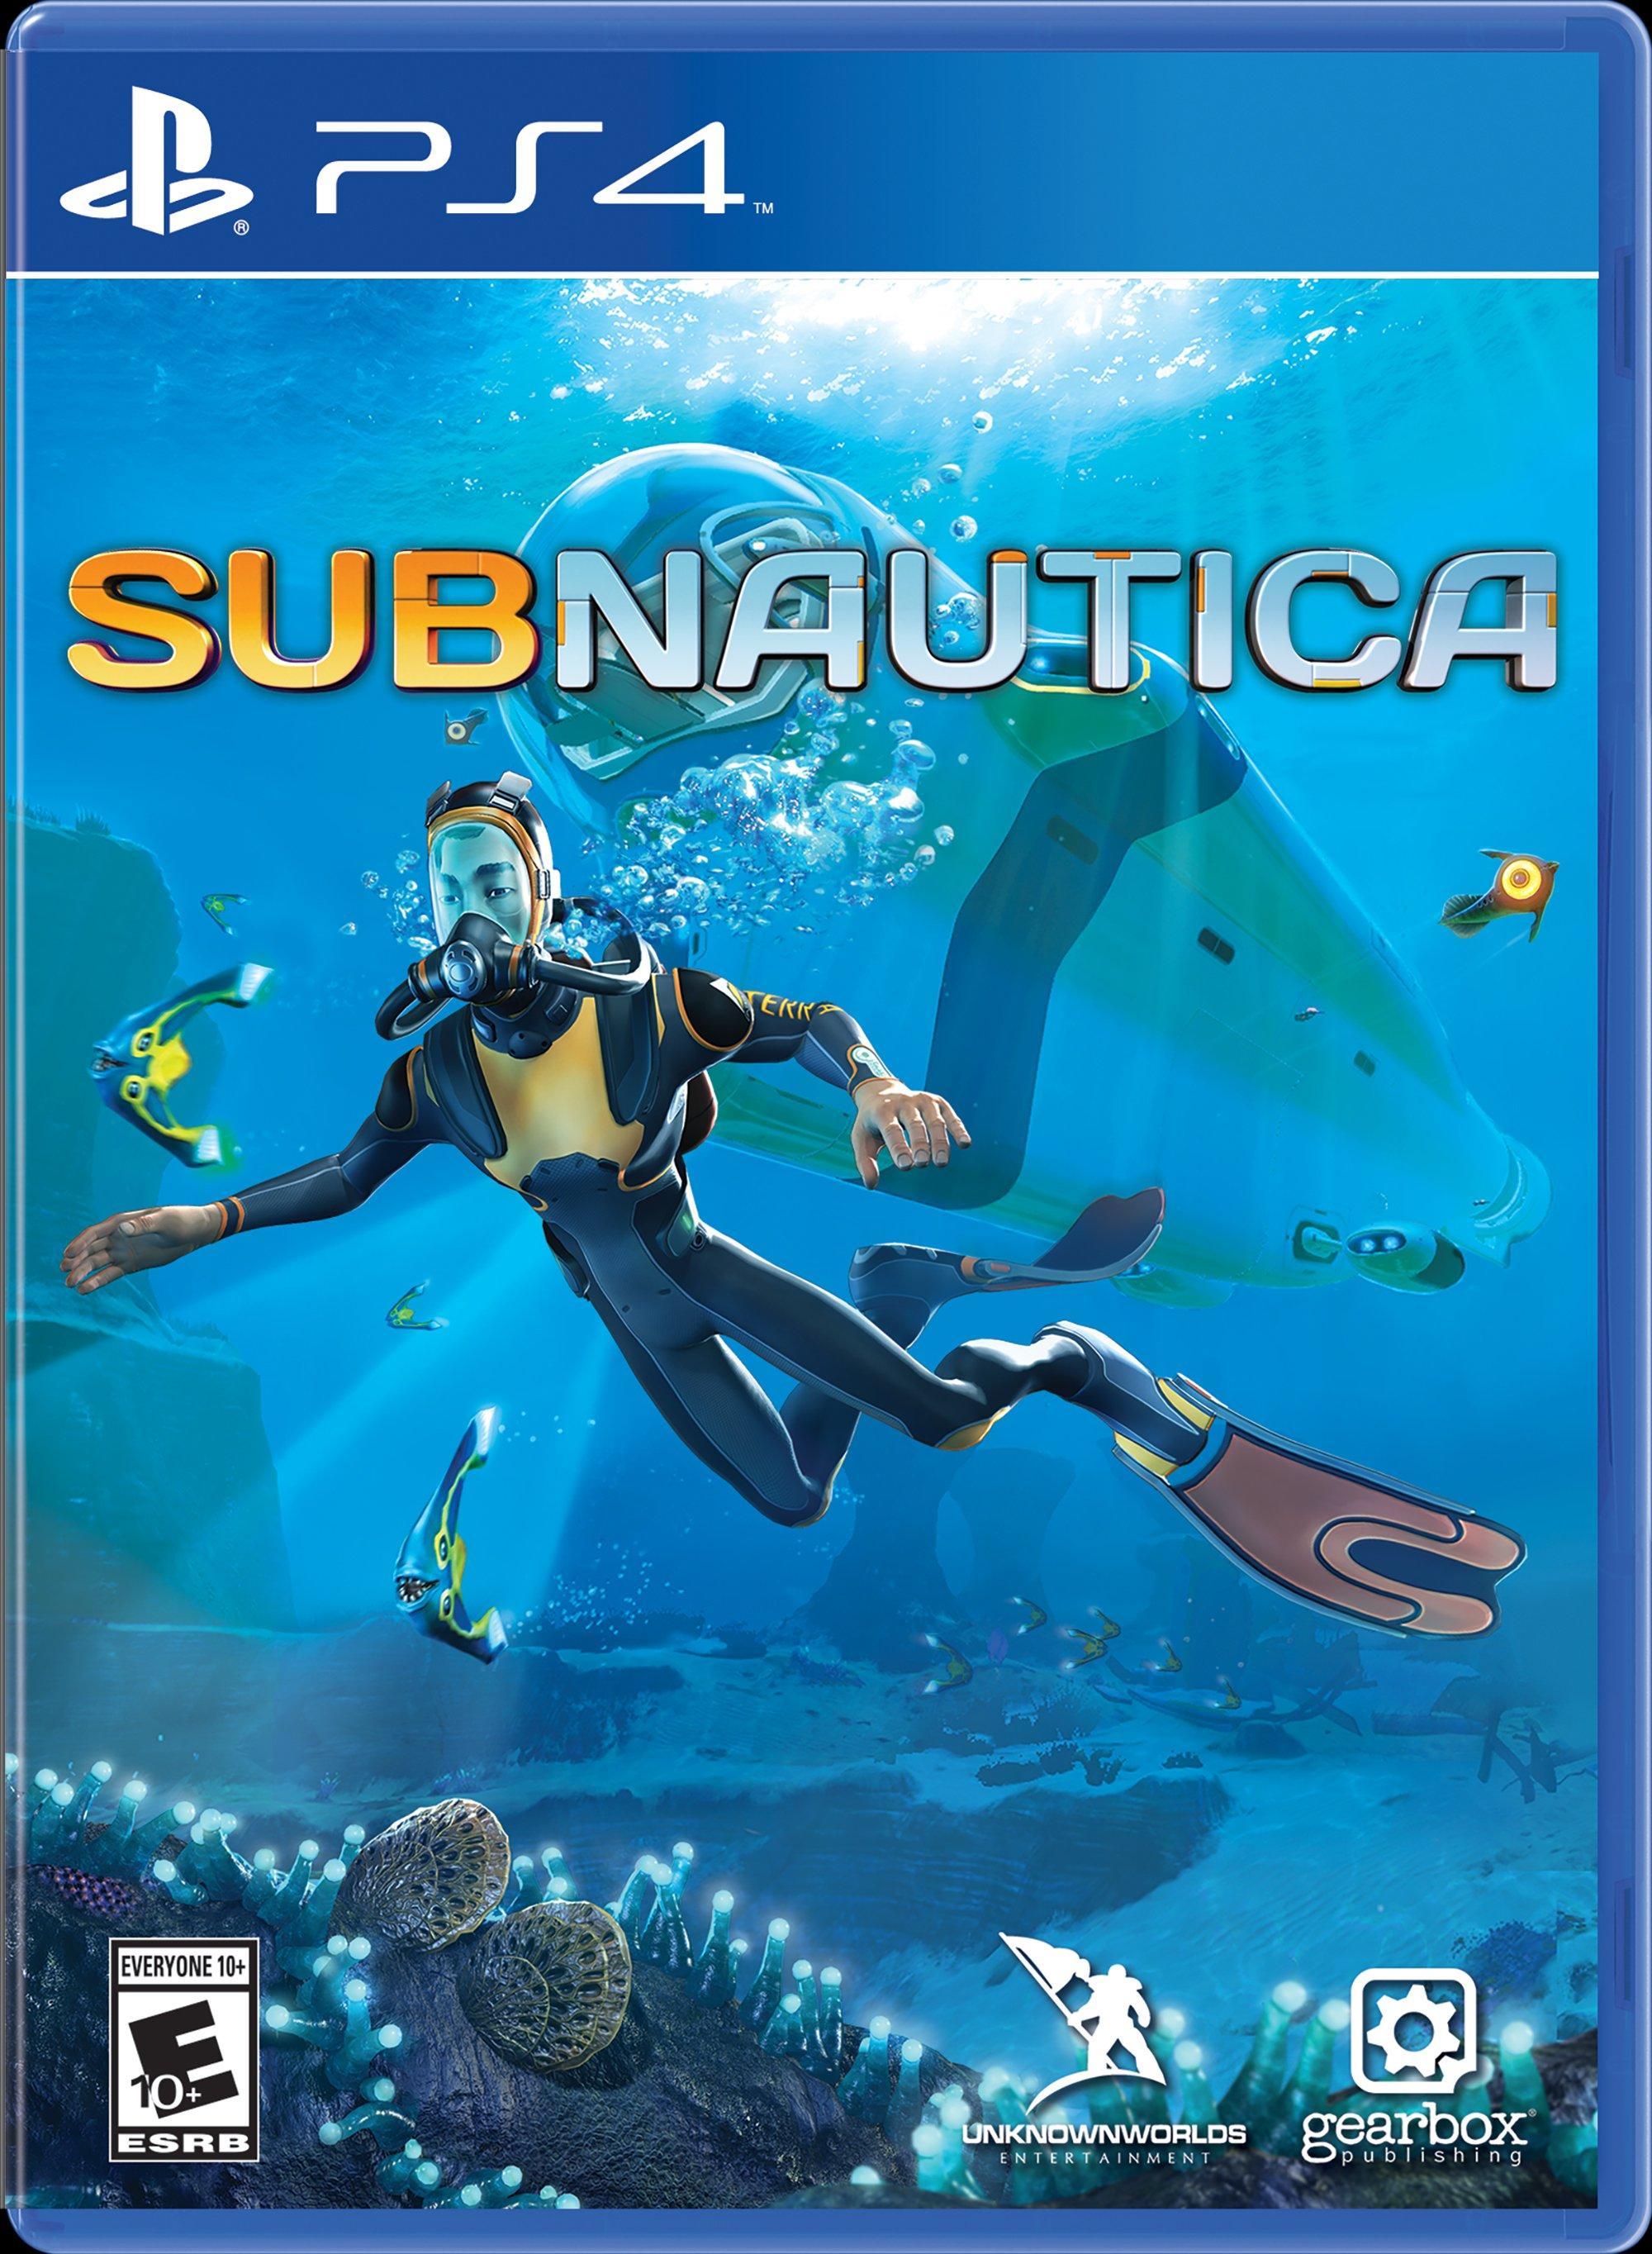 Subnautica | PlayStation 4 | GameStop